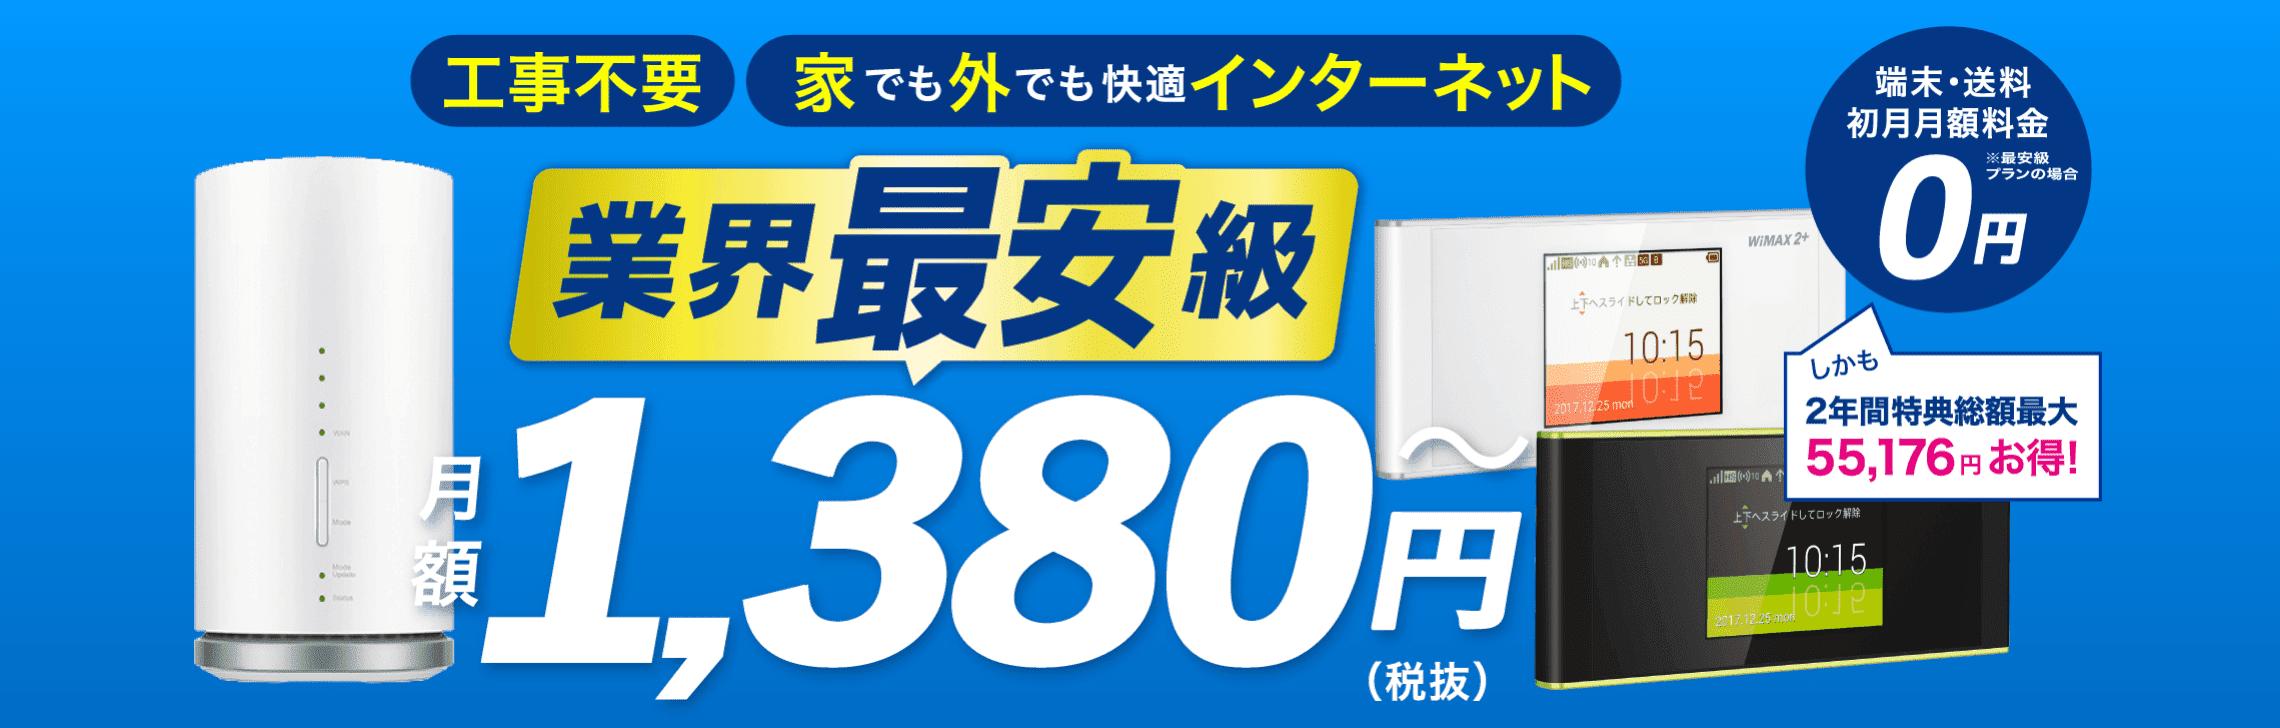 カシモWiMAXのロゴ